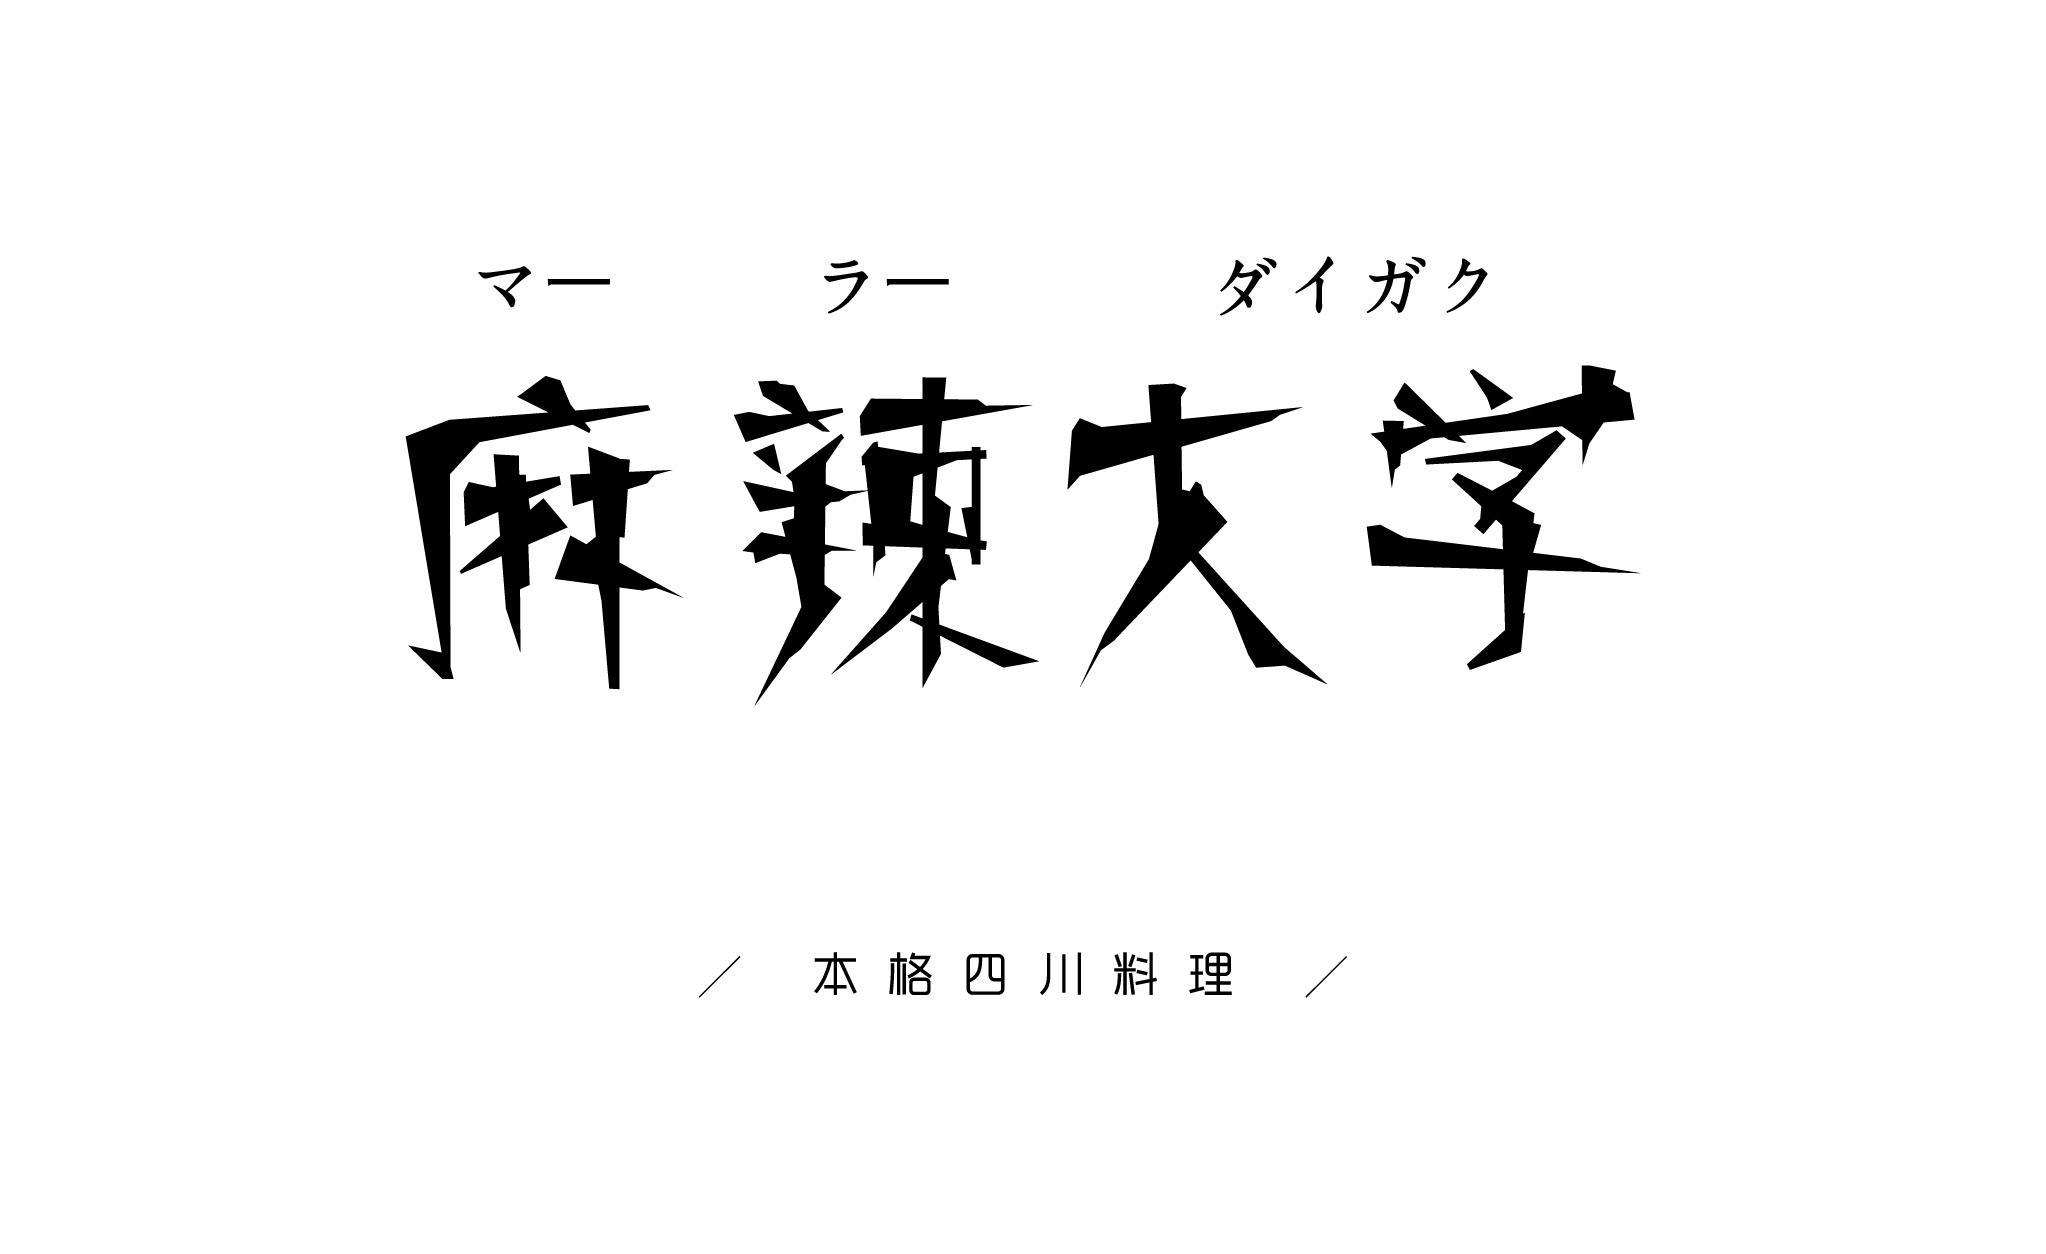 【改装休業中 期間:2/16(日)~3/14(土)】麻辣大学